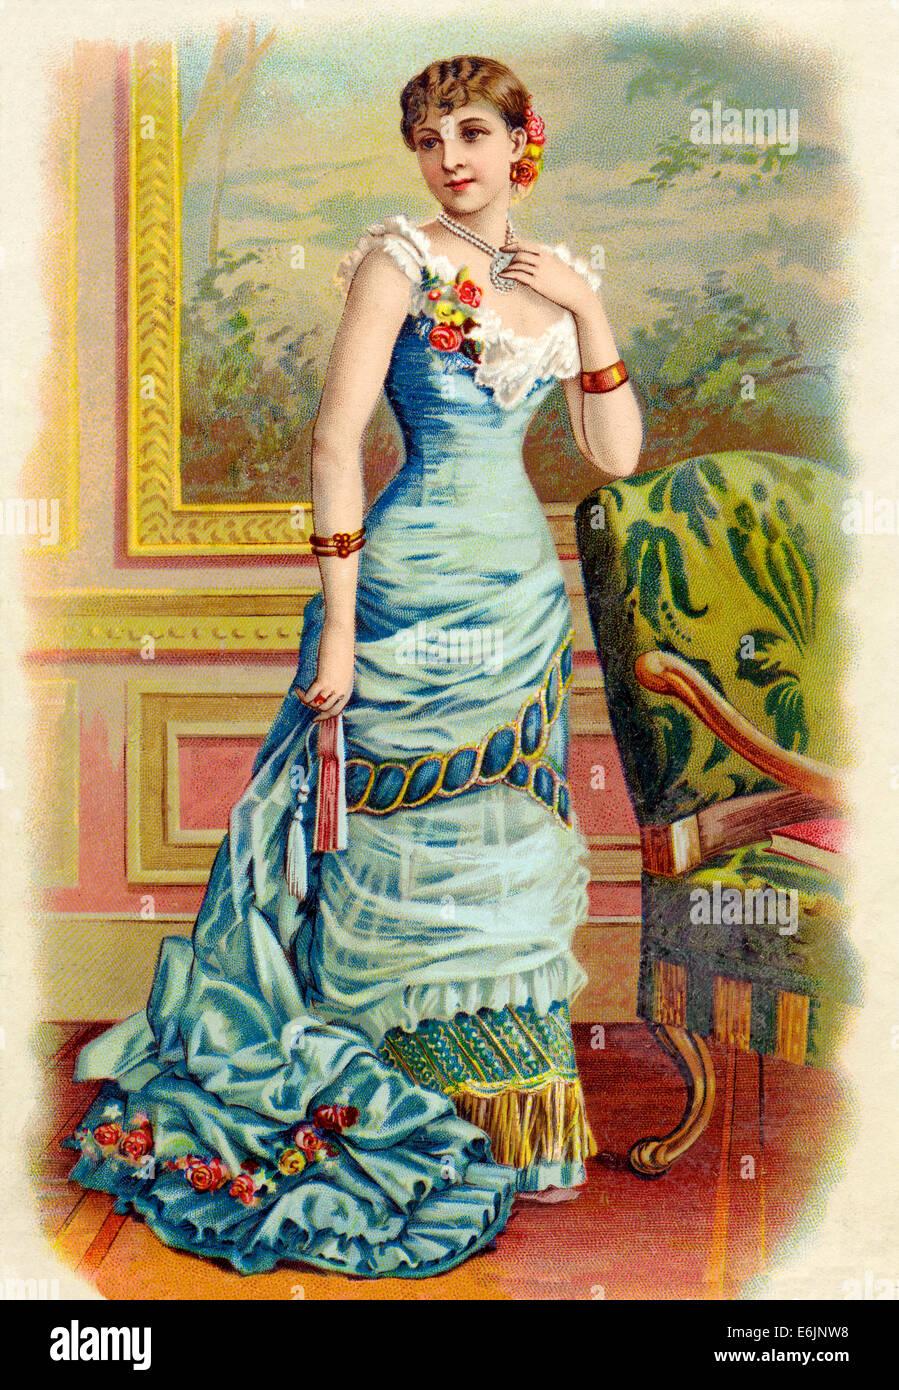 Signora vittoriano 1890 chromolithograph di una elegante signora vestita in su per una serata fuori in un abito Immagini Stock